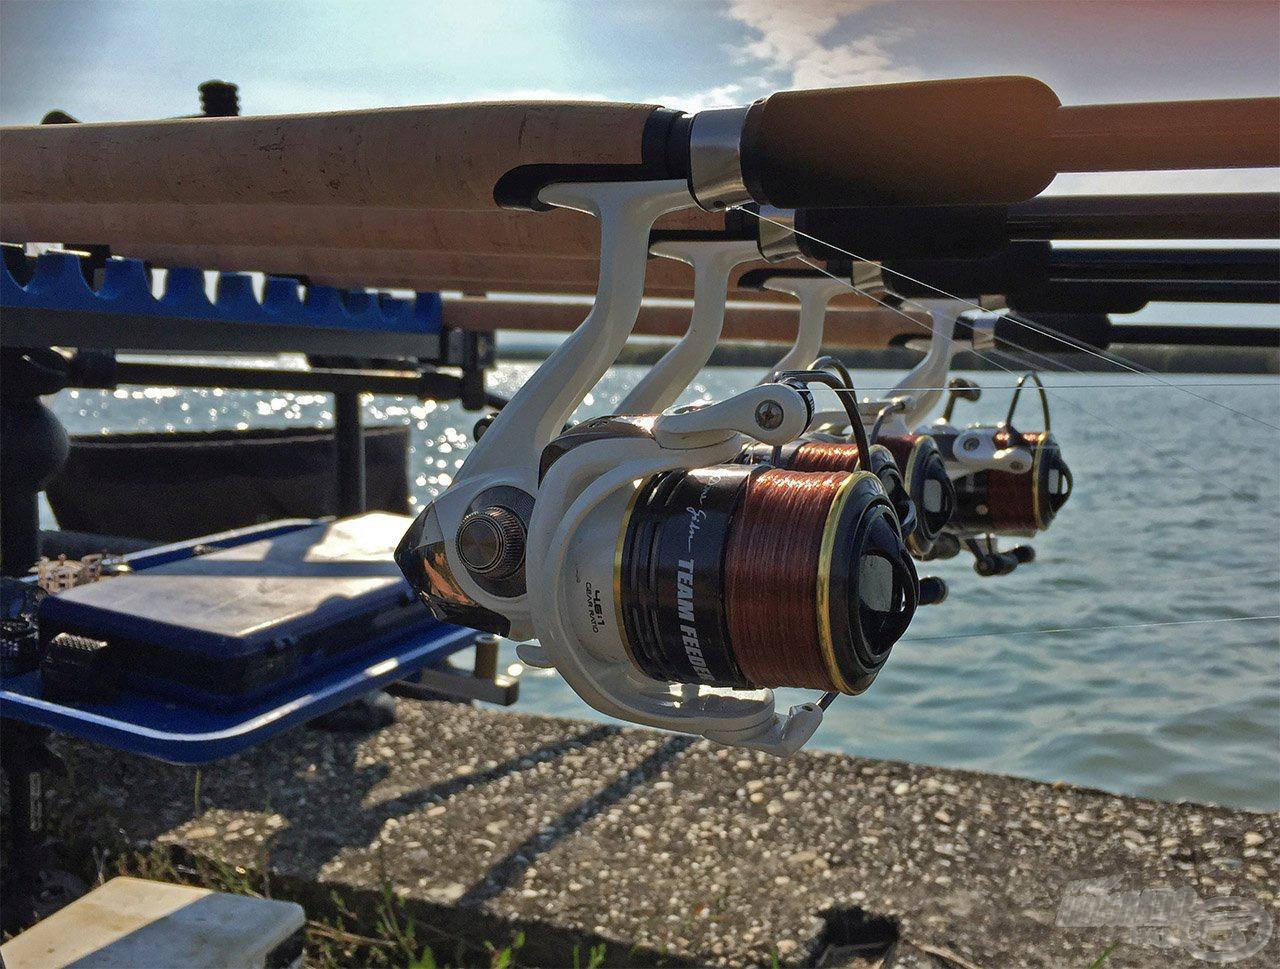 A Super Sensitive egy nagyon pontos illesztésű, nagyon könnyű futású, mérnöki precizitással kivitelezett orsó kifejezetten finom és versenyszerű horgászatokhoz